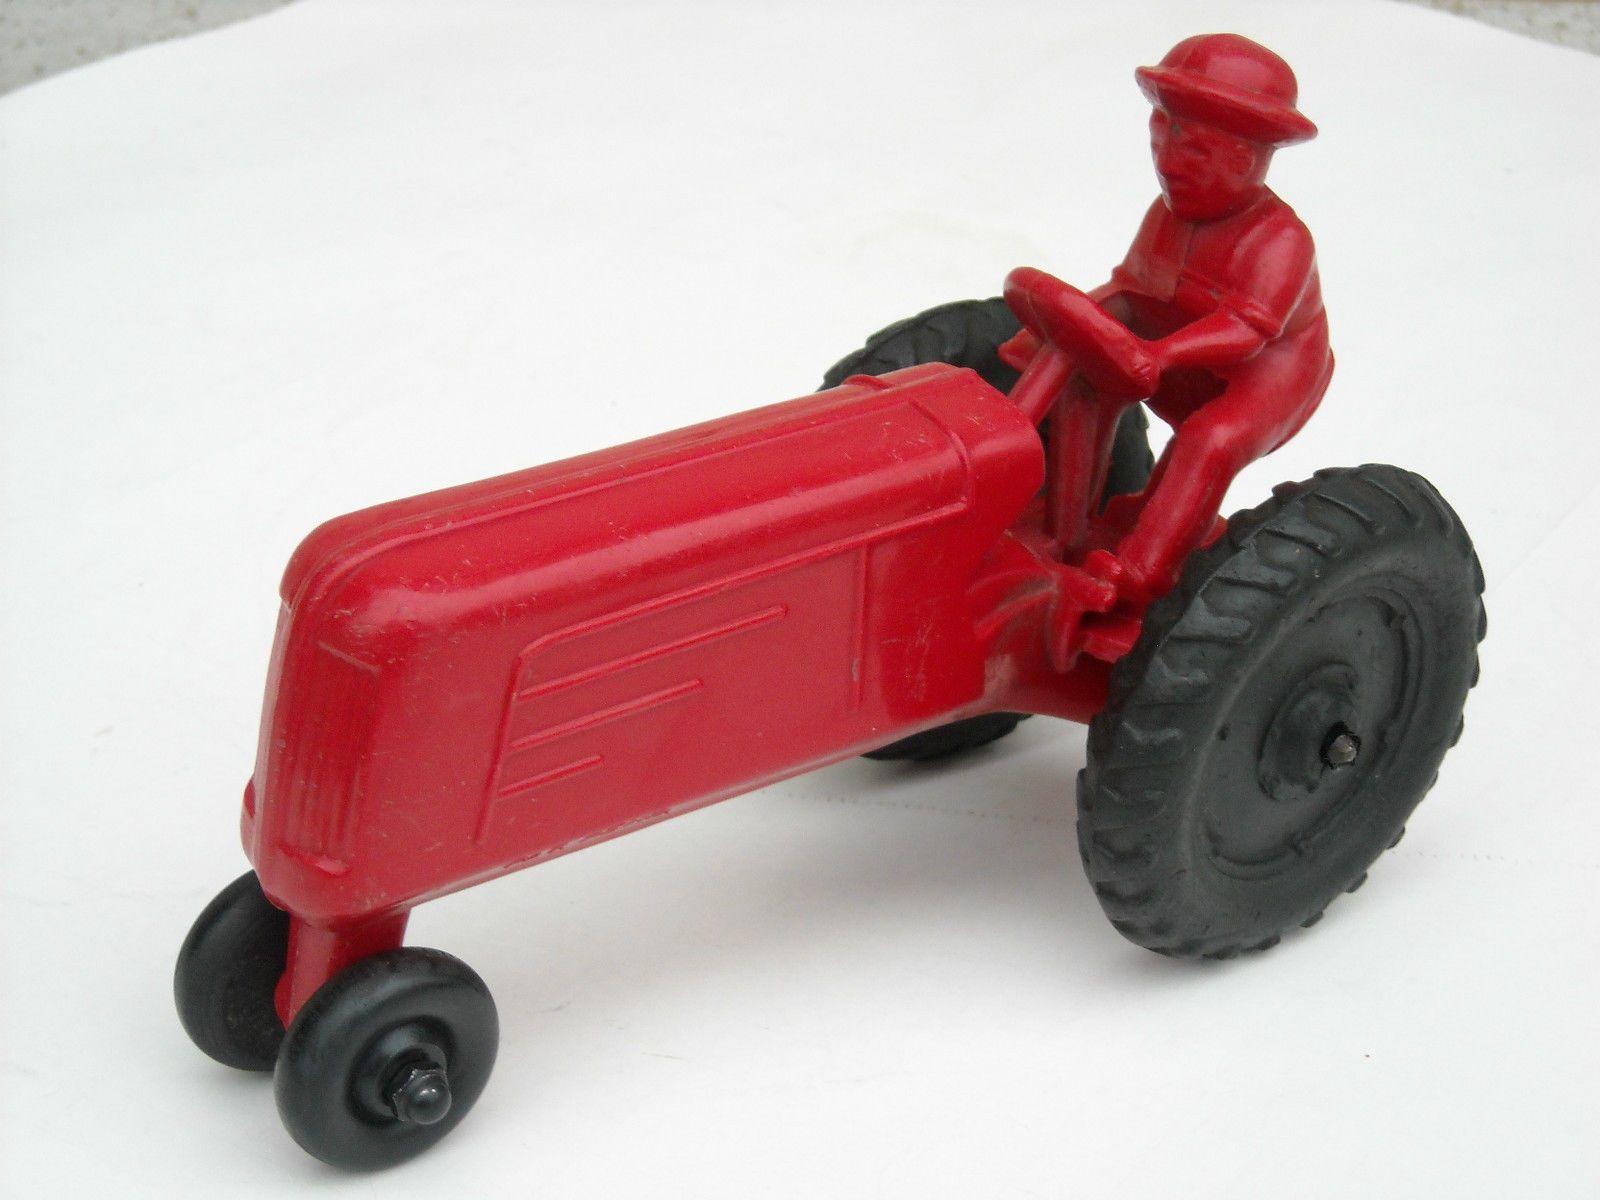 Vintage & Rare E.R. Roach Toy Tractor Tractors, Vintage